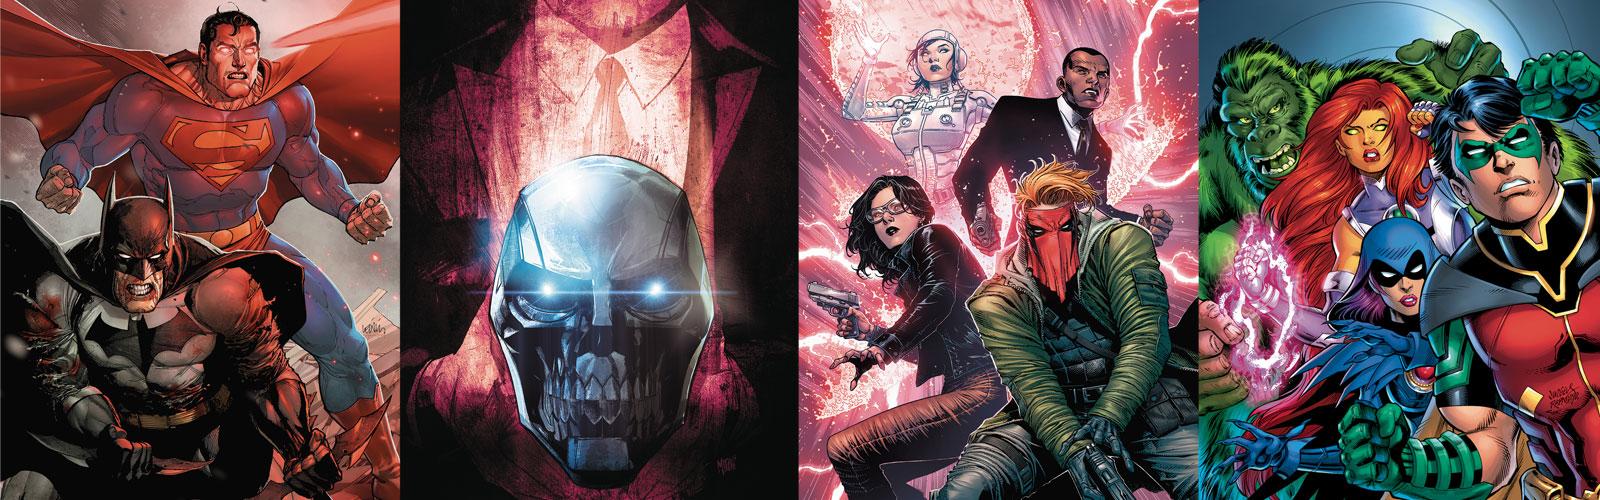 Solicitations: August 2019 – DC Comics